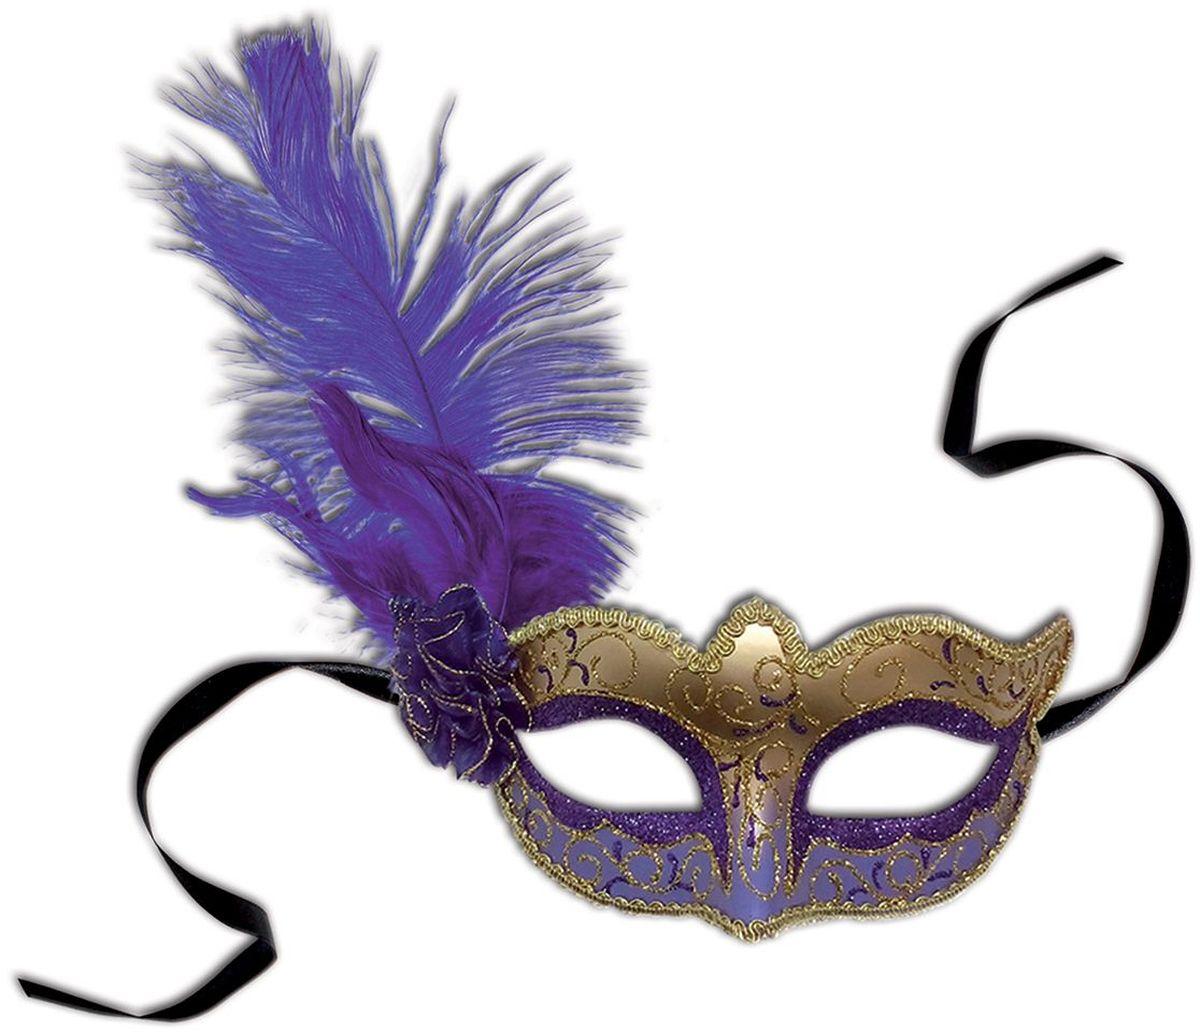 Partymania Венецианская маска Карнавал T1217 цвет фиолетово-золотаяT1217_фиолетово-золотаяИзделие развлекательного характера. Очень элегантная и изысканная маска, придаст Вашему образу загадочность и эффектность. Маска крепится с помощью черных атласных лент.